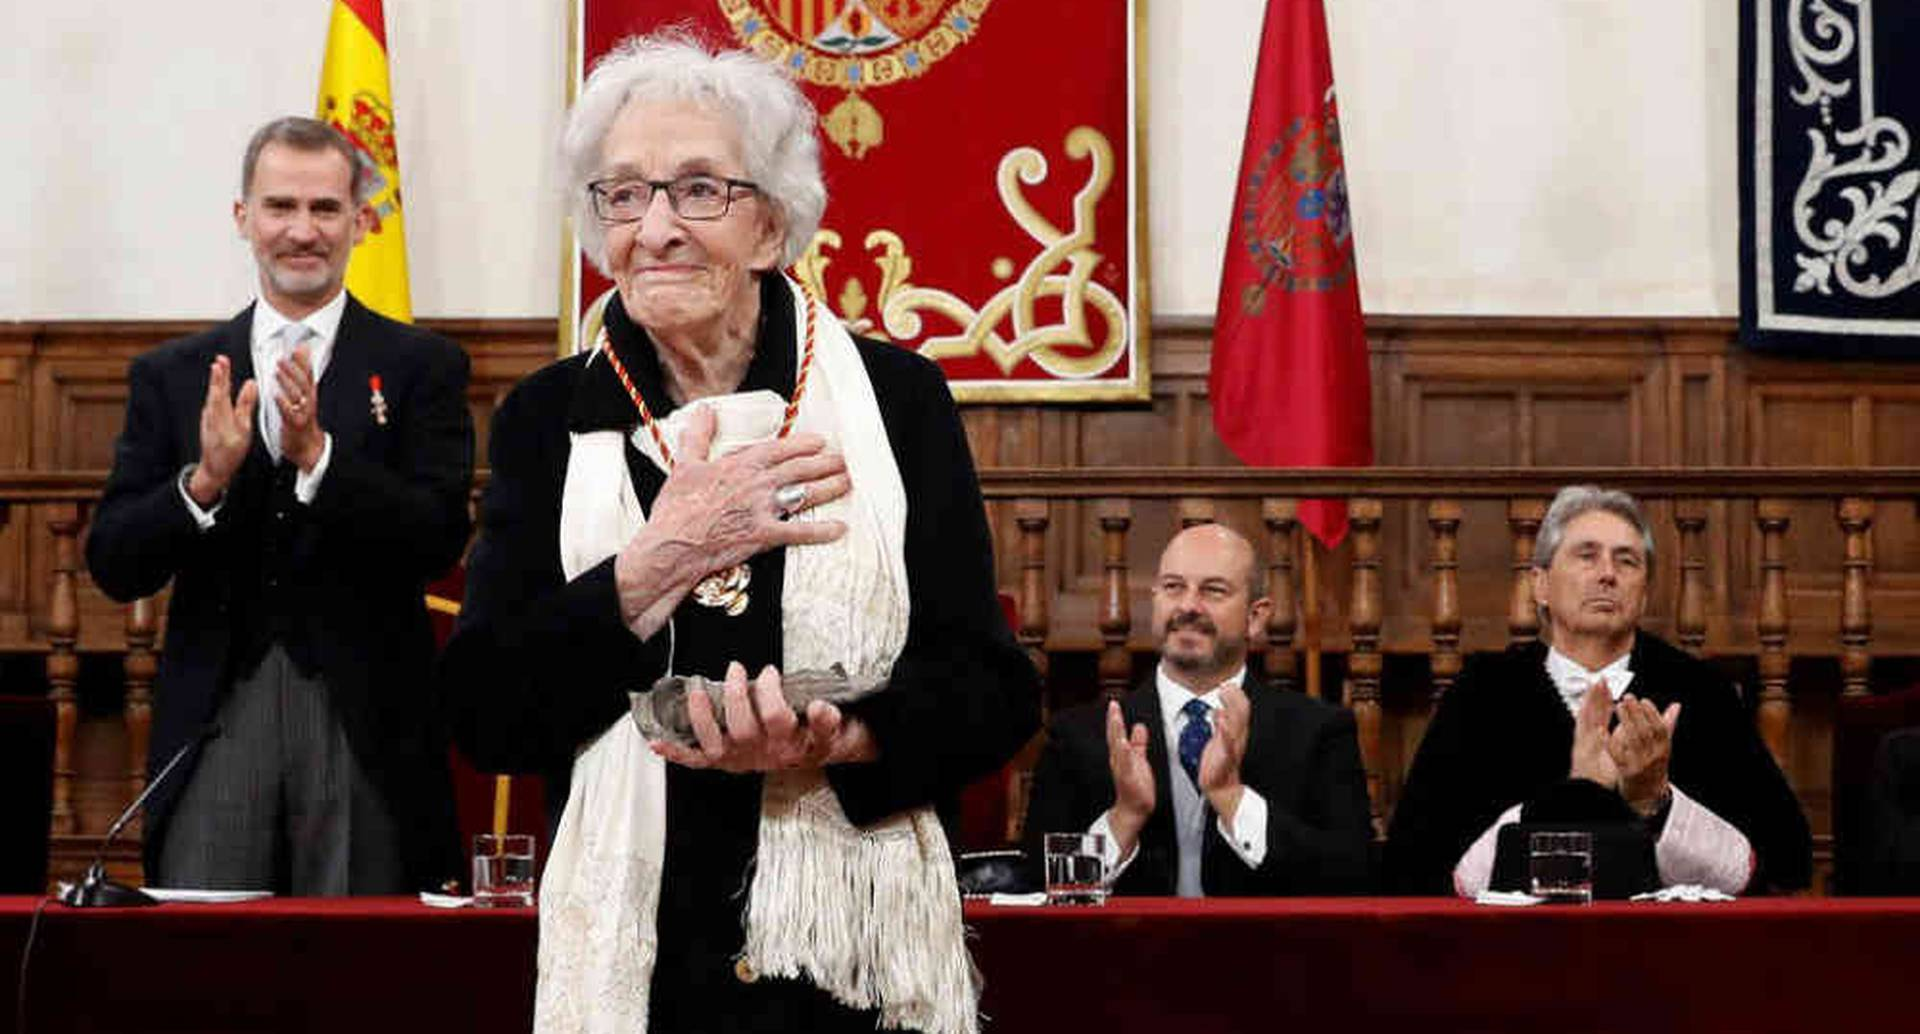 La poeta uruguaya Ida Vitale luego de recibir el Premio de Literatura Cervantes del Rey Felipe VI de España (izquierda), durante una ceremonia en la Universidad de Alcalá en Madrid el 23 de abril de 2019. Andrés Ballesteros / AFP